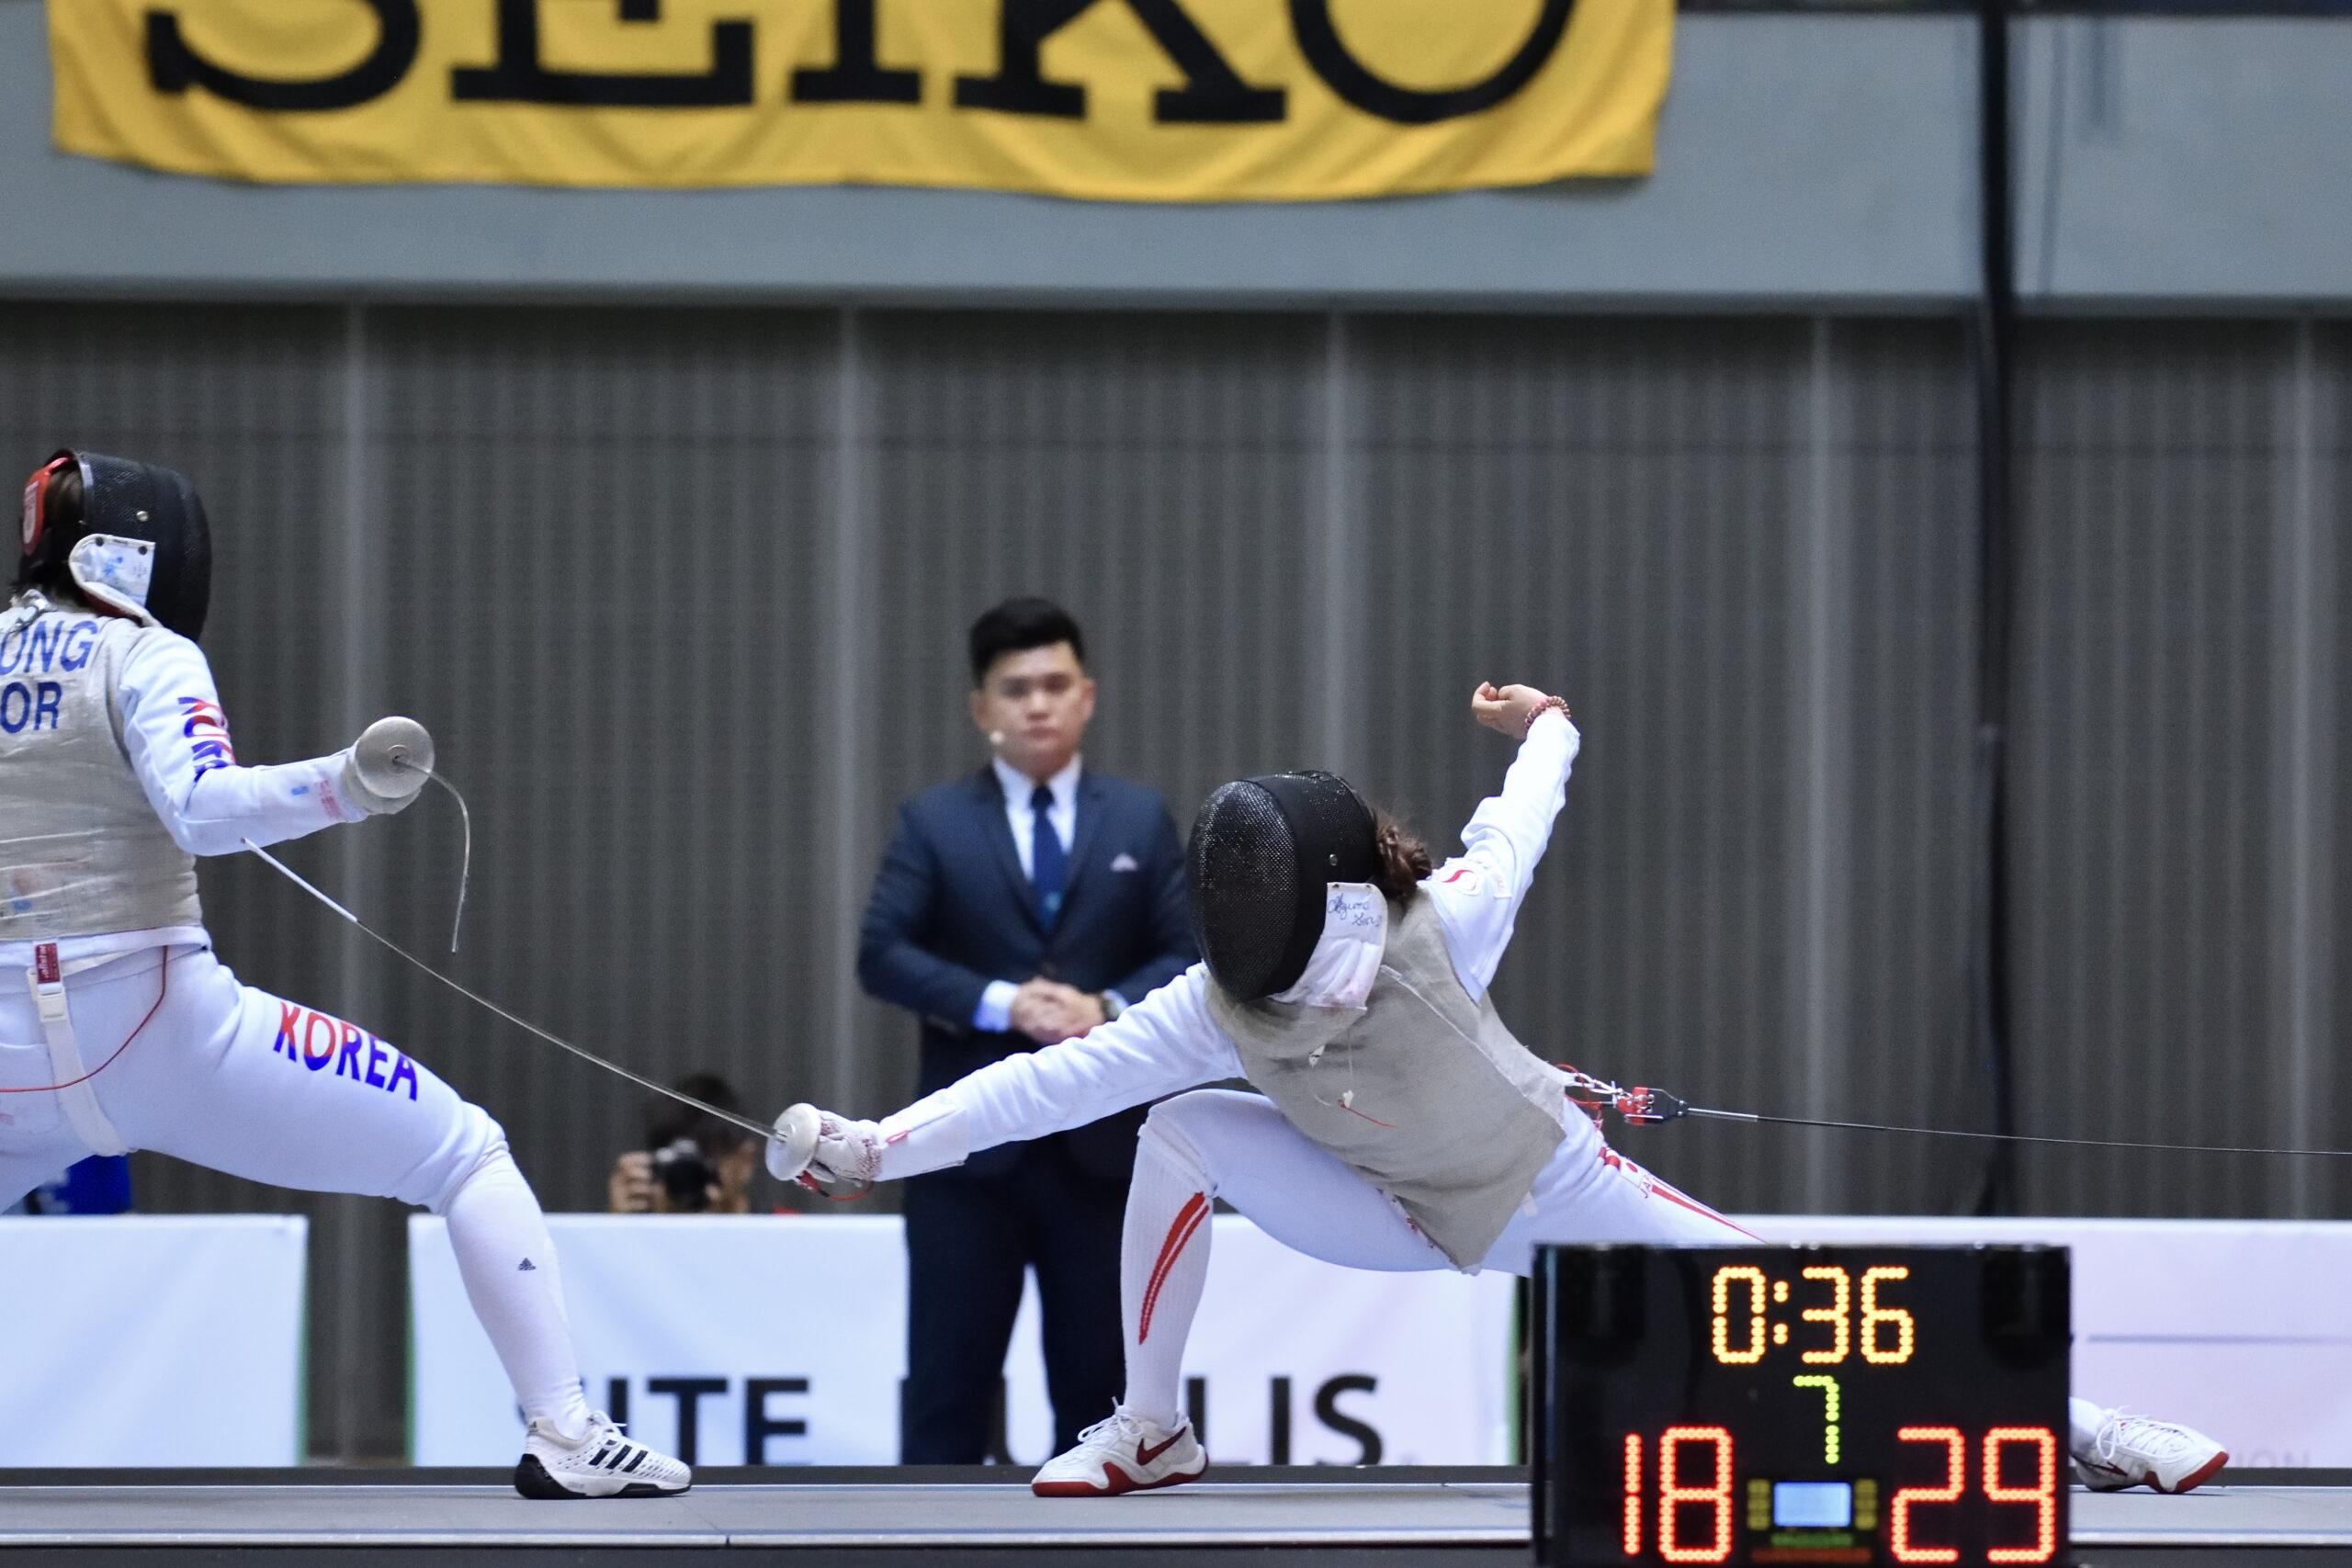 【東晟良】本日はフェンサー東晟良選手の22歳のお誕生日です